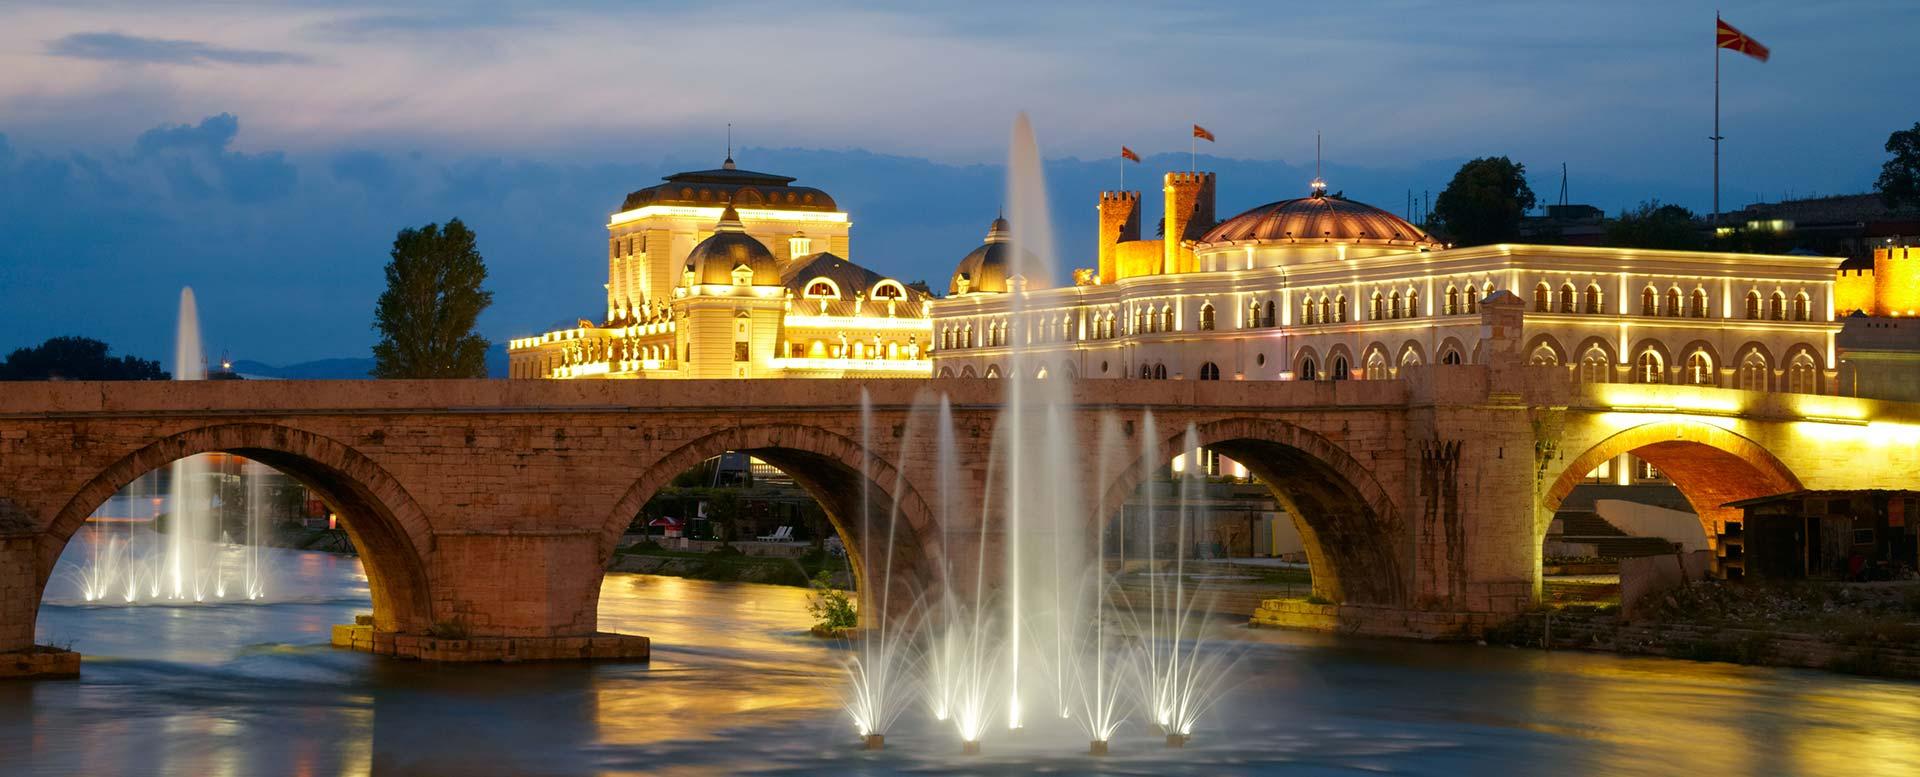 Brücke über den Fluss Vardar in Skopje